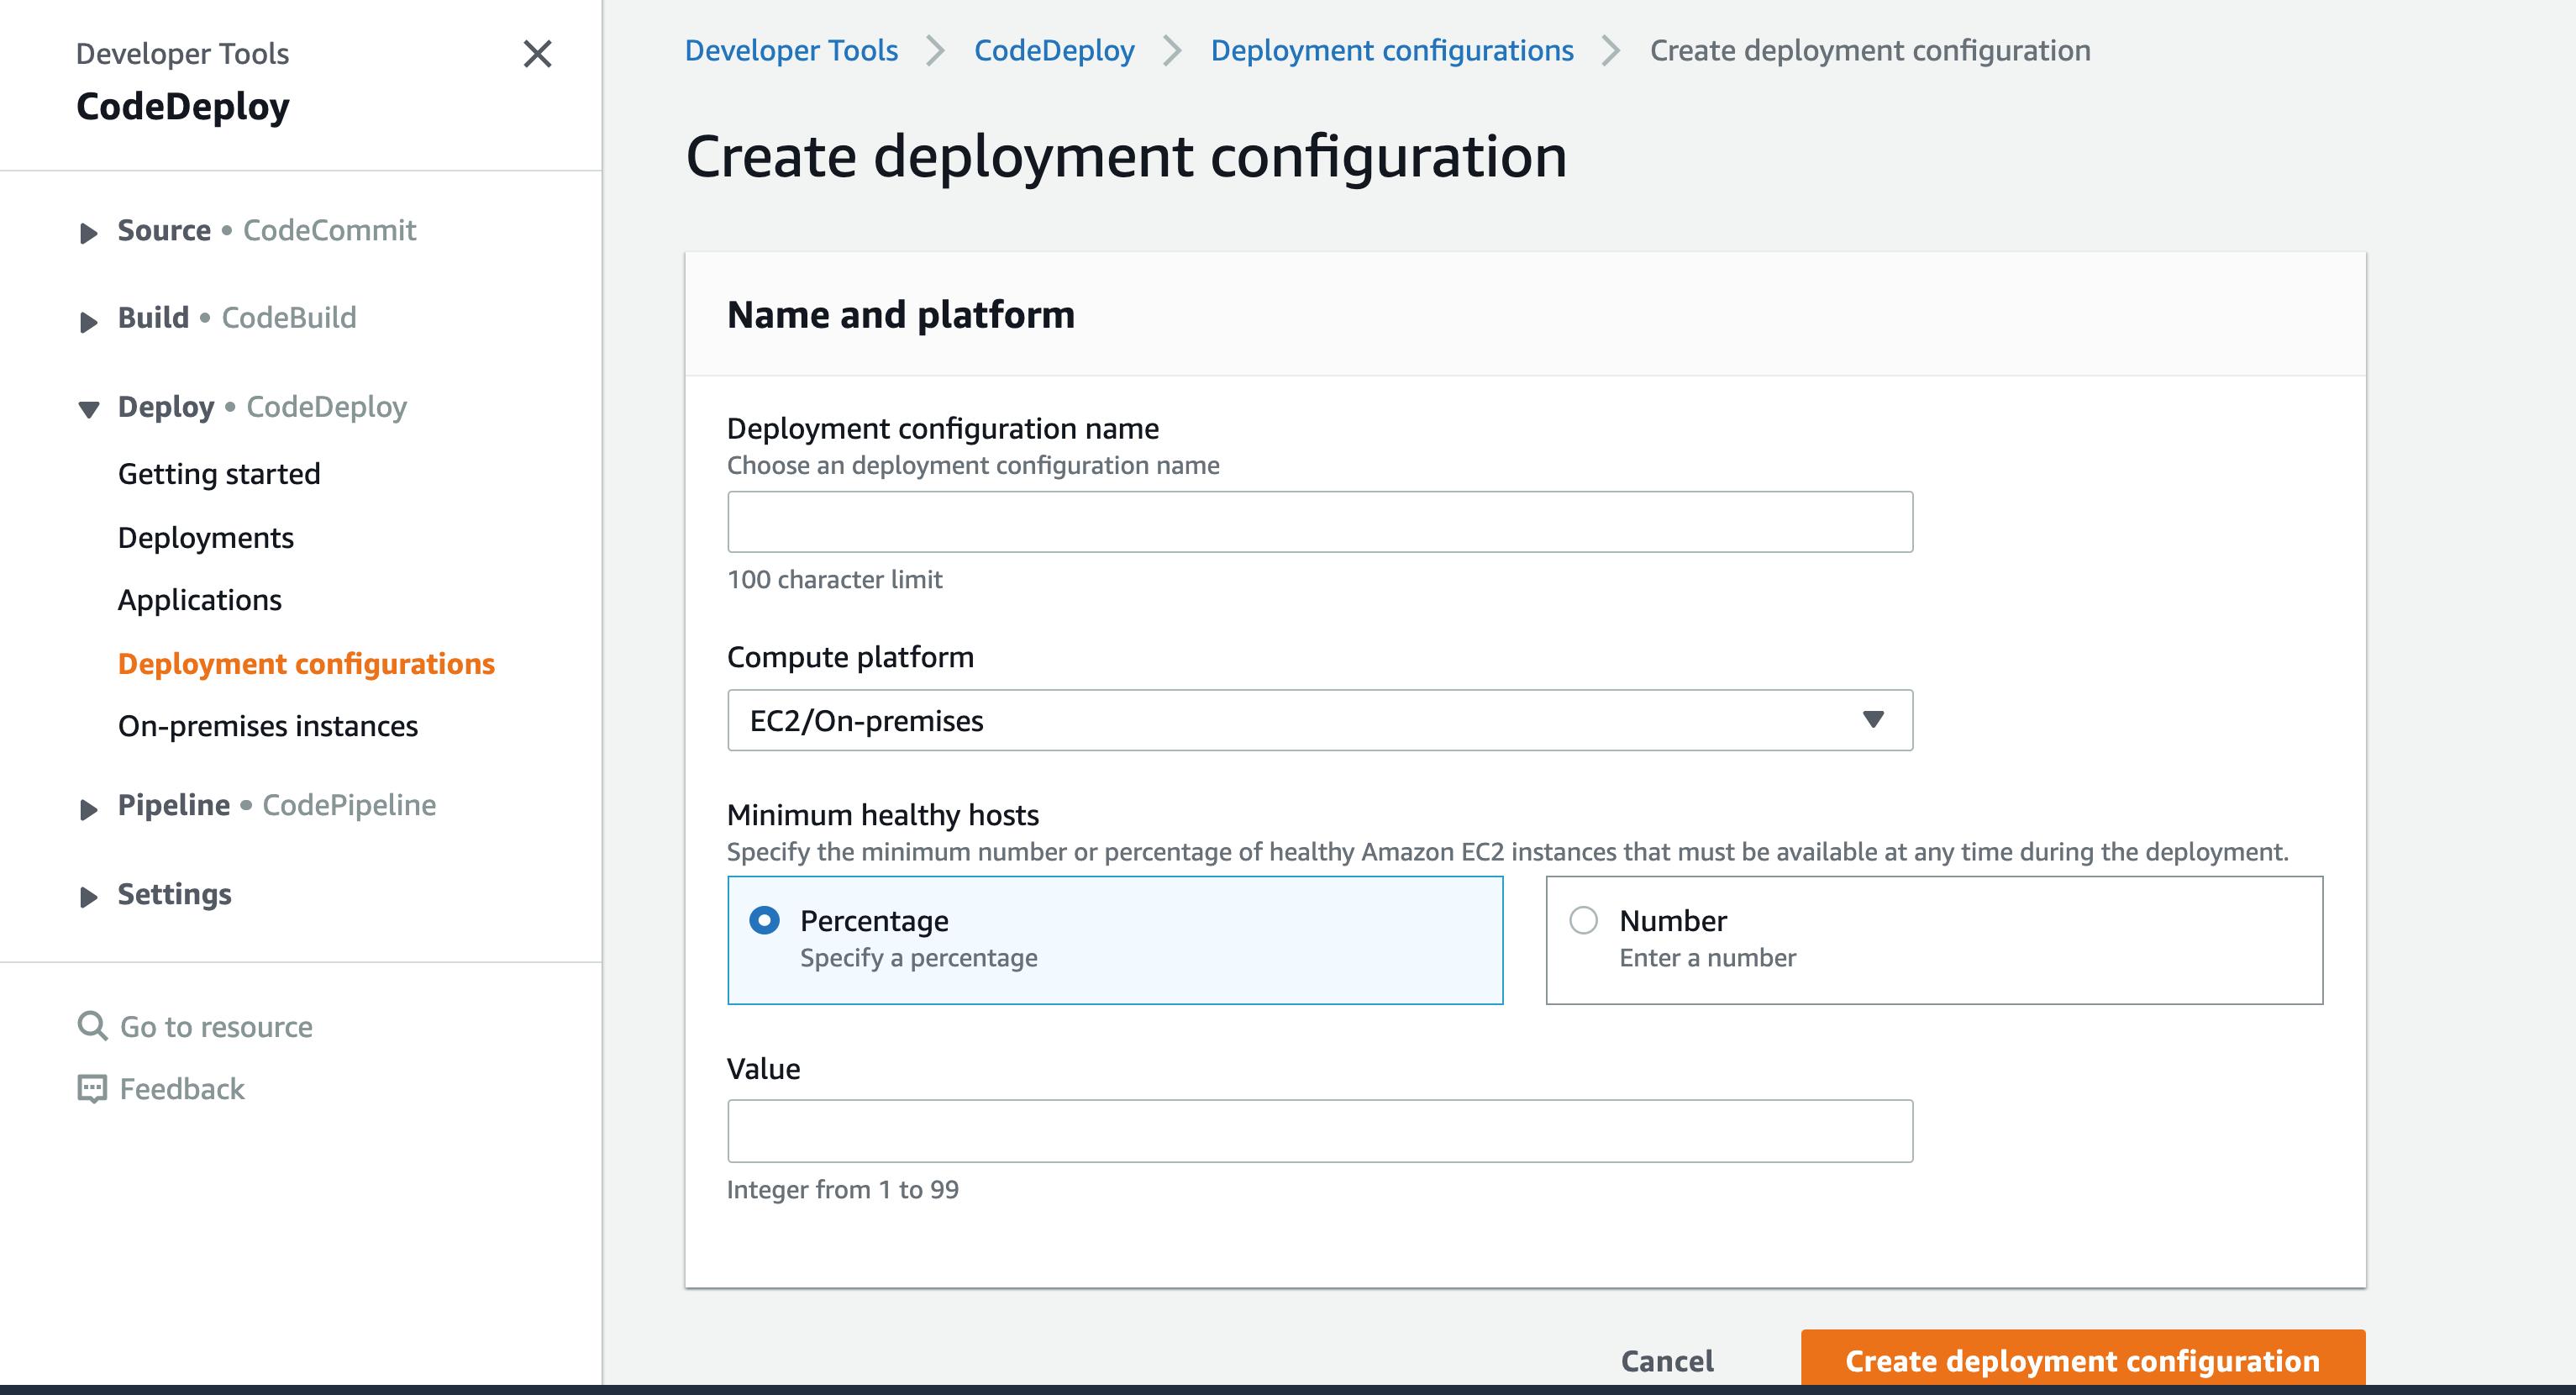 CodeDeploy Configuration